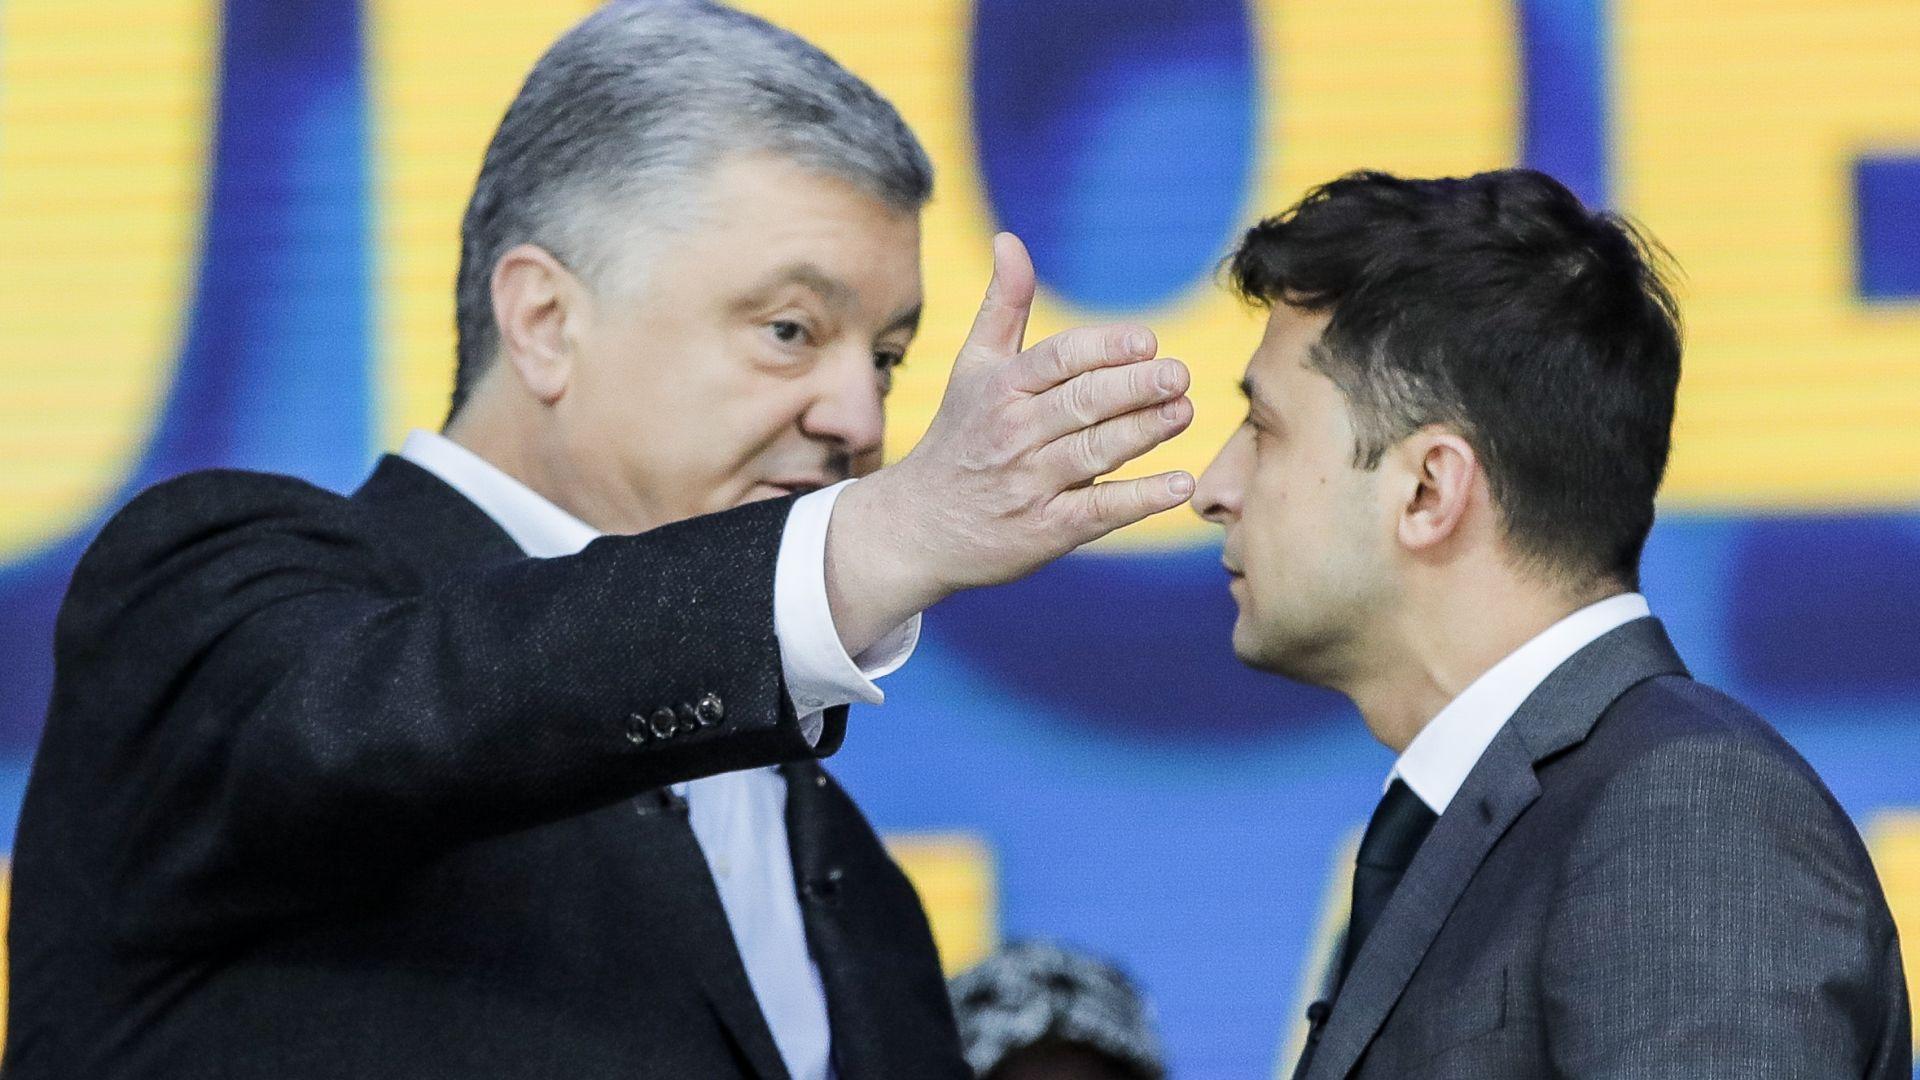 Основните претенденти за поста - досегашният държавен глава Петро Порошенко